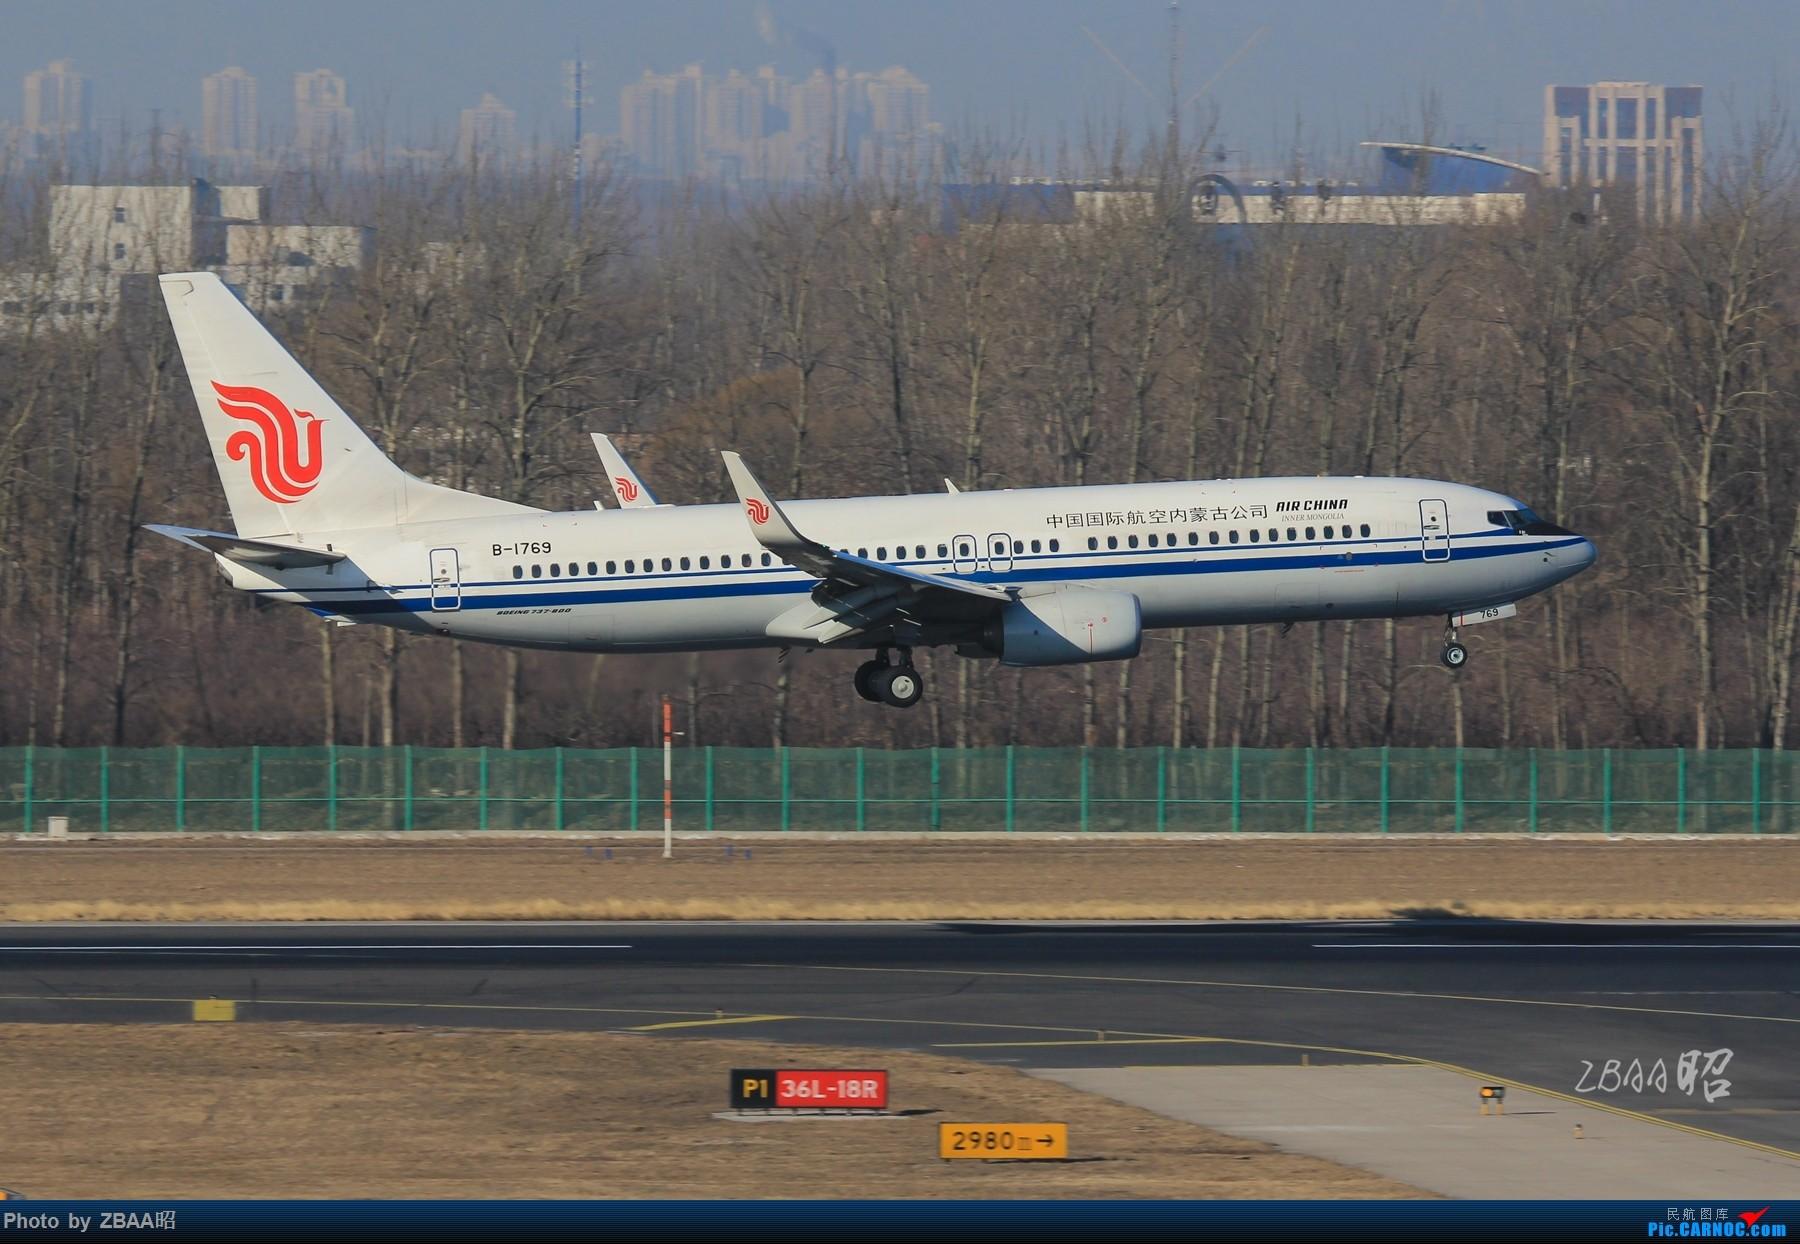 Re:[原创]飞友聚会后的独自疯狂,格林豪泰隔天怒打ZBAA 36L跑道,夜拍海航宽体机,寒风中坚守楼顶阵地 BOEING 737-800 B-1769 中国北京首都国际机场